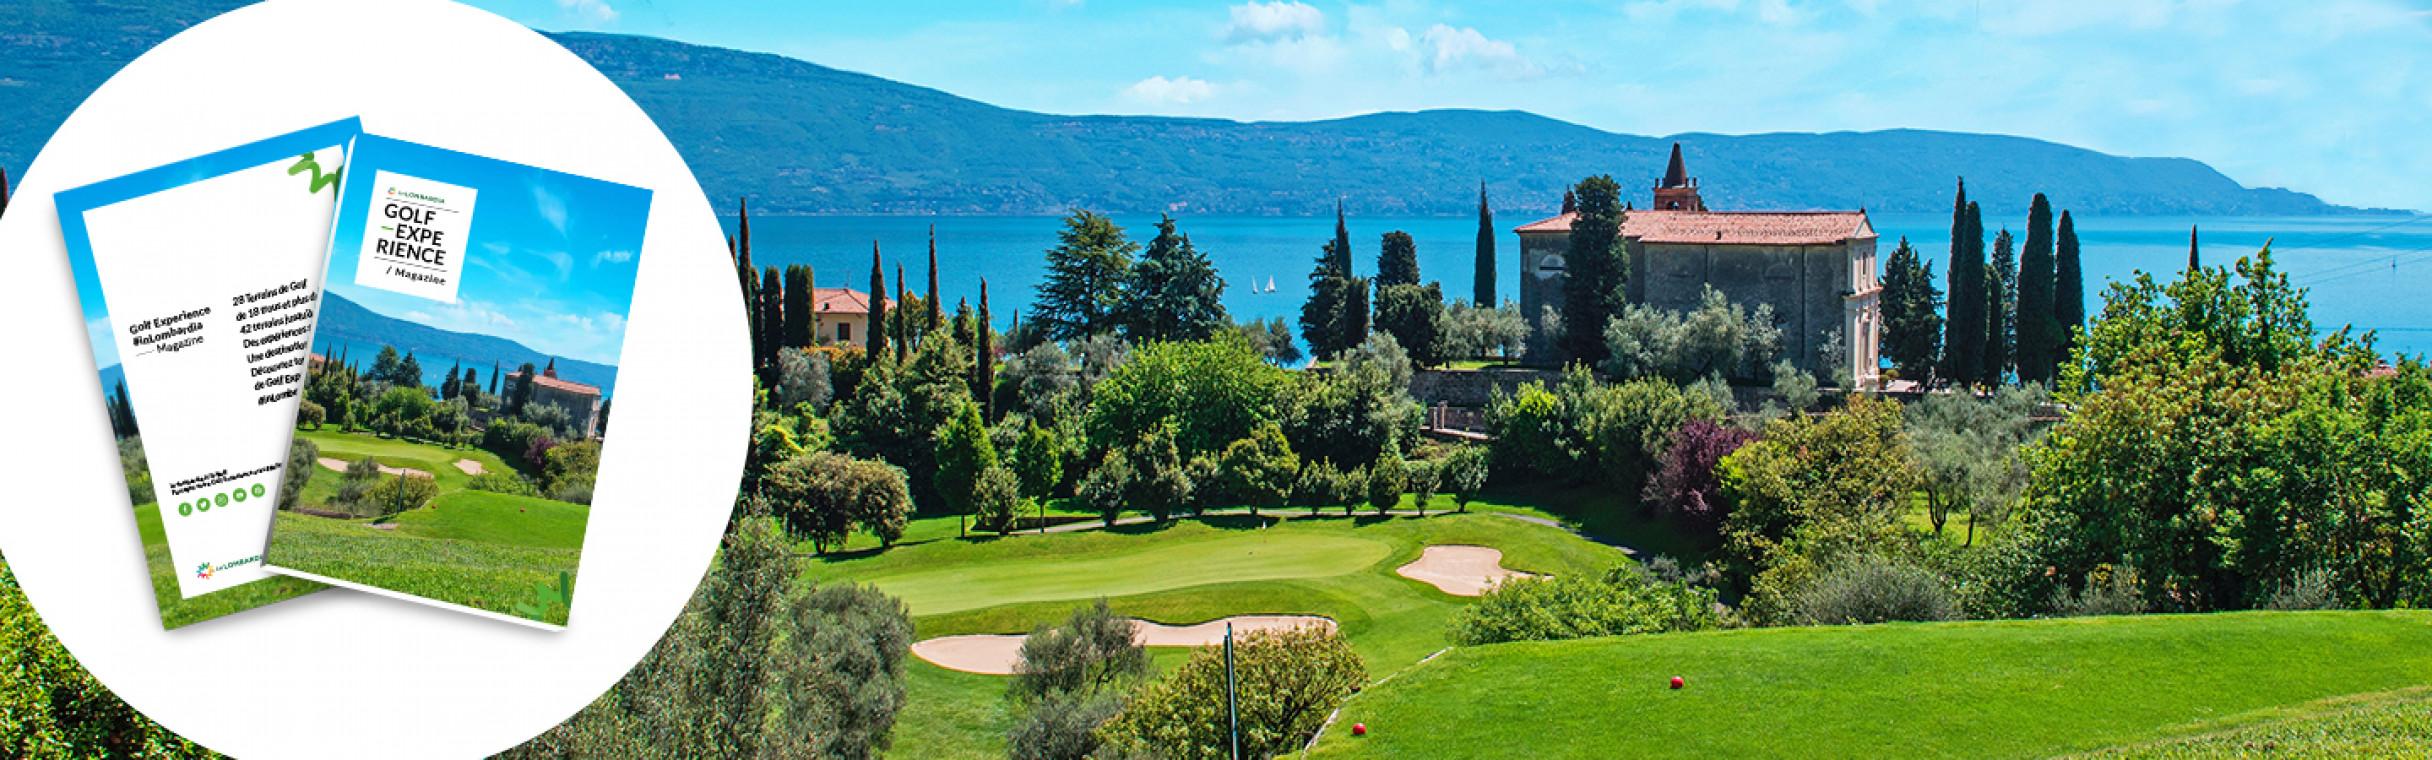 Téléchargez le Magazine Golf Experience!